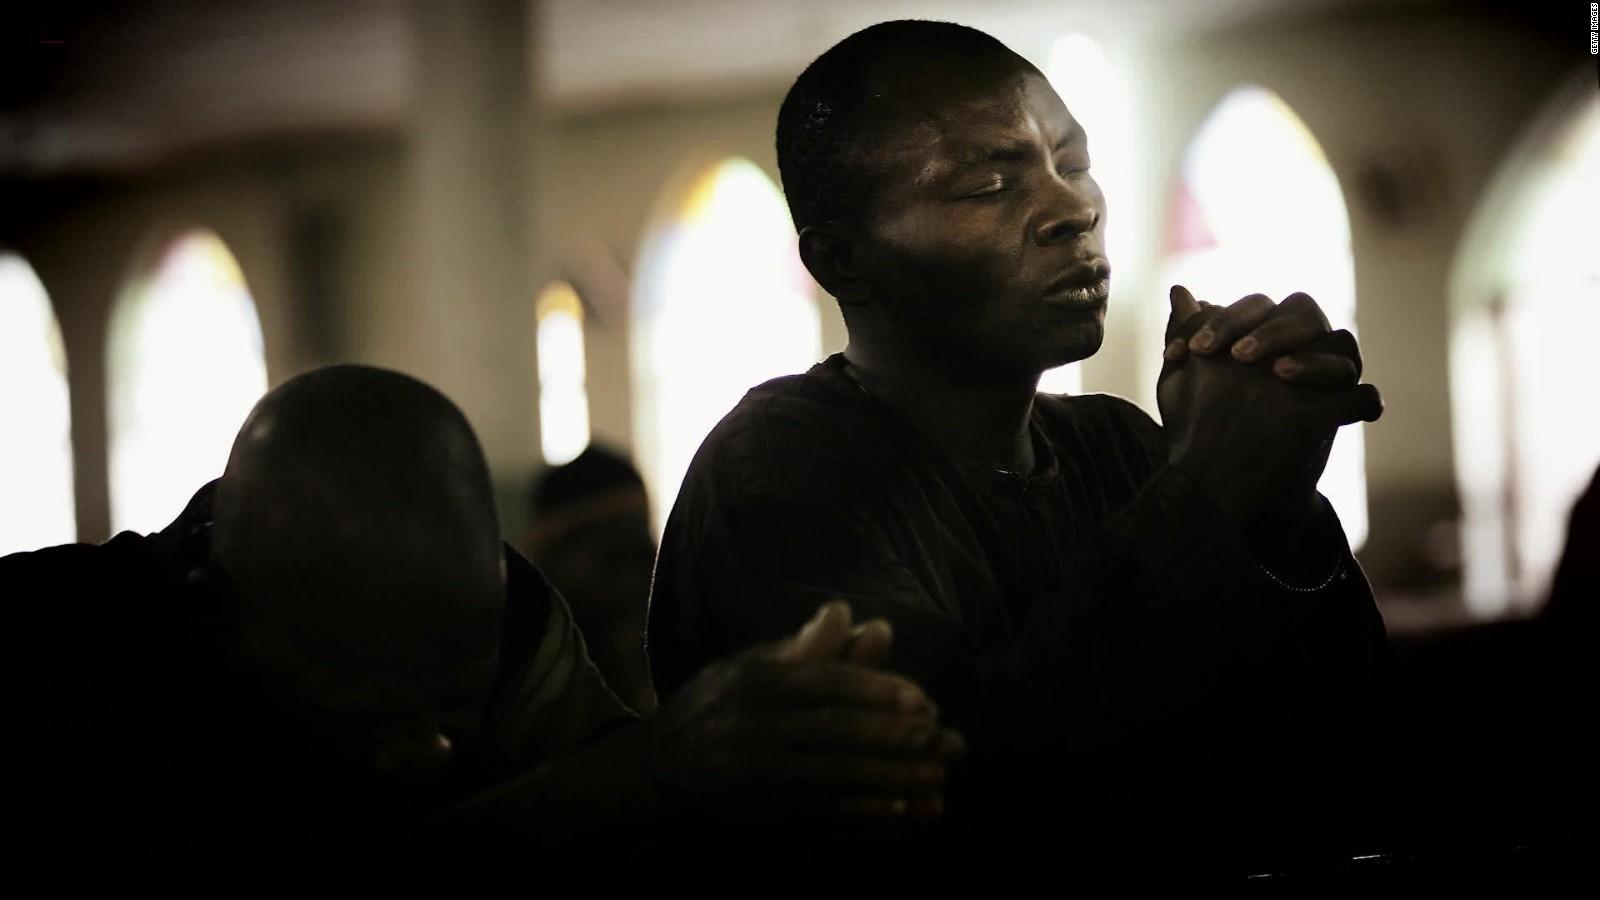 Black-Catholic-Prayer.jpg